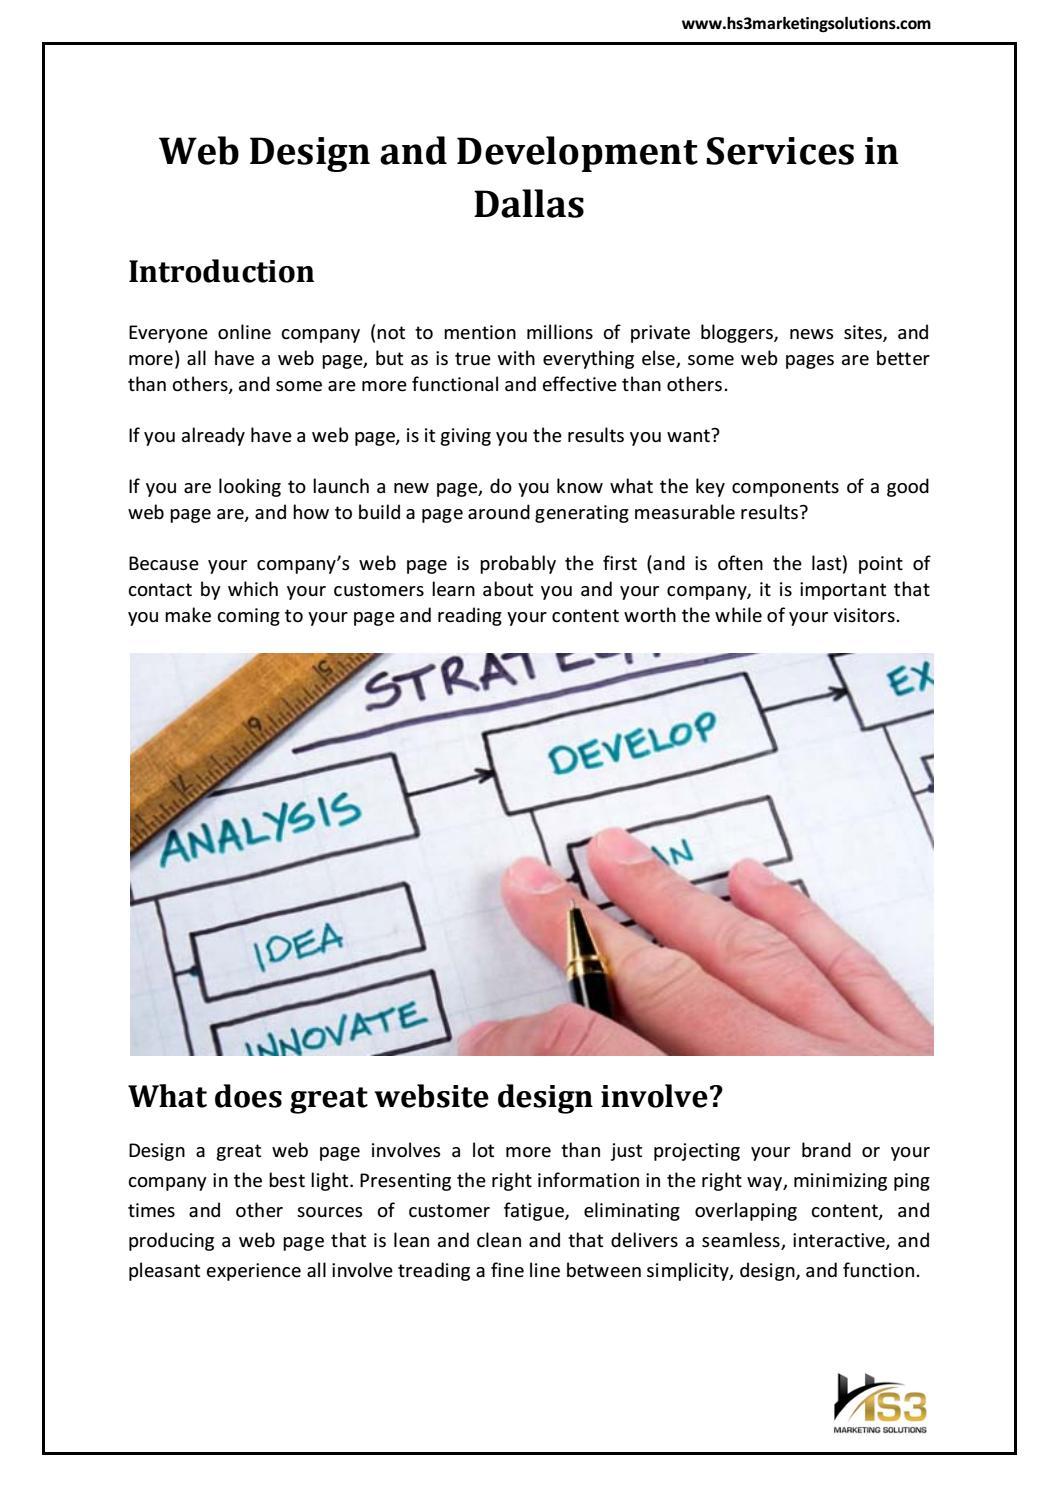 Web Design And Development Services In Dallas Hs3 Marketing Solutions By Hs3 Marketing Solutions Issuu